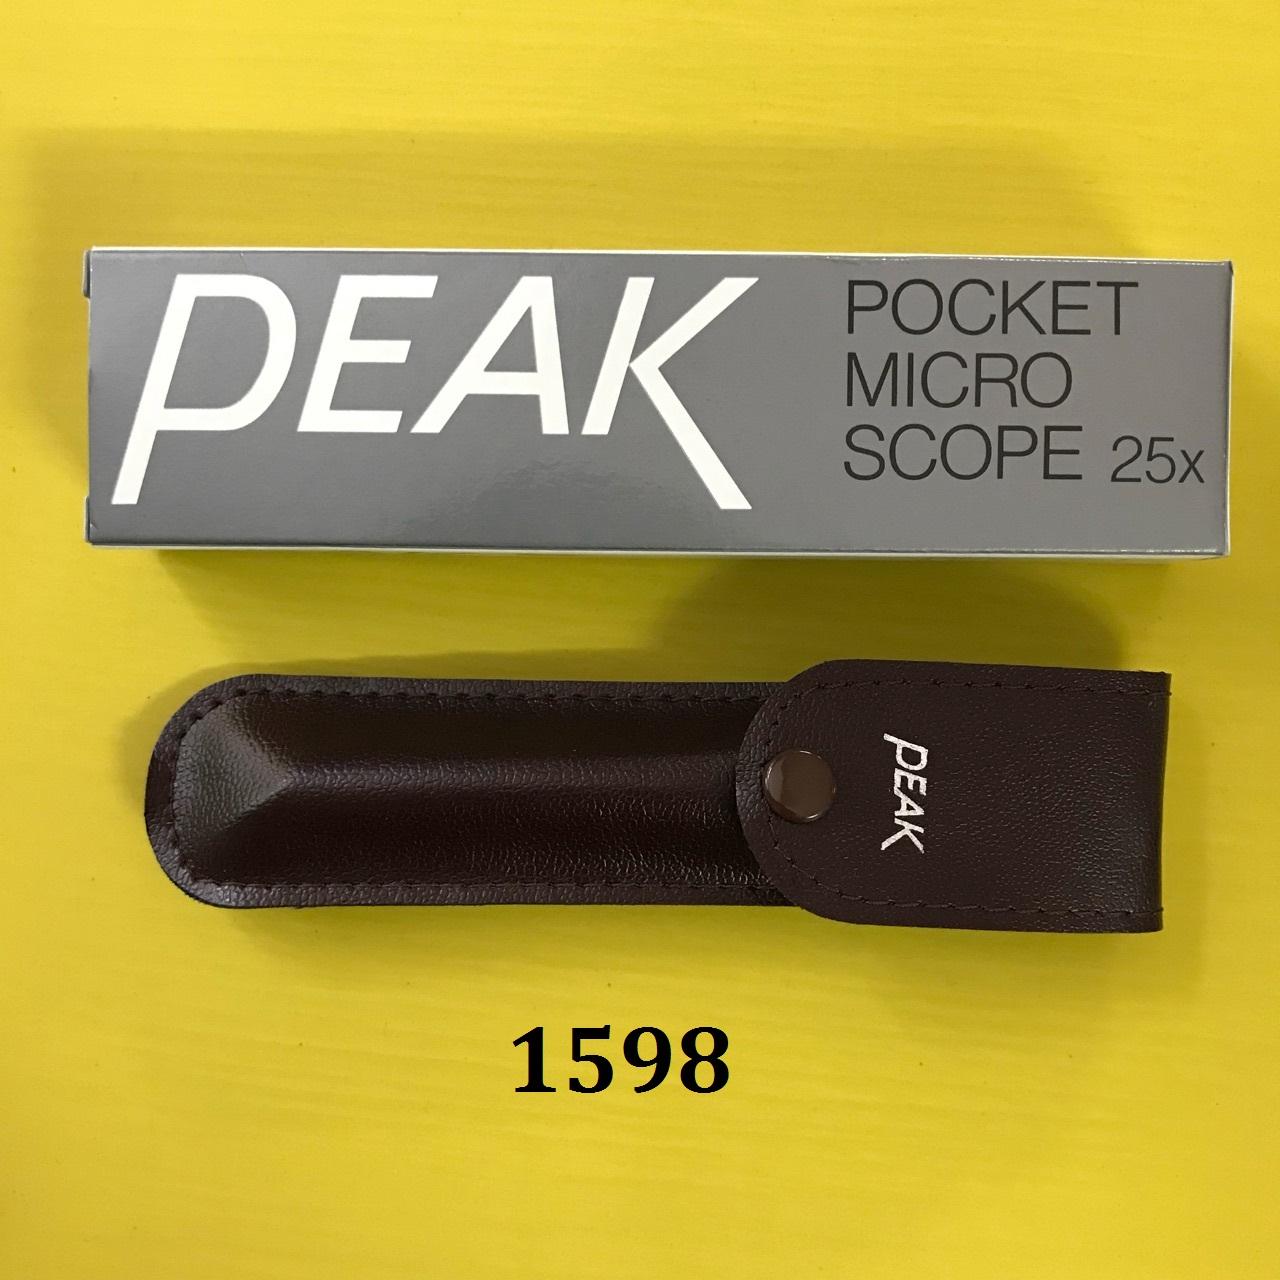 Kính hiển vi bỏ túi dạng bút, độ phóng đại 25X kính hiển vi bỏ túi, Pocket Microscope 2001-25 PEAK